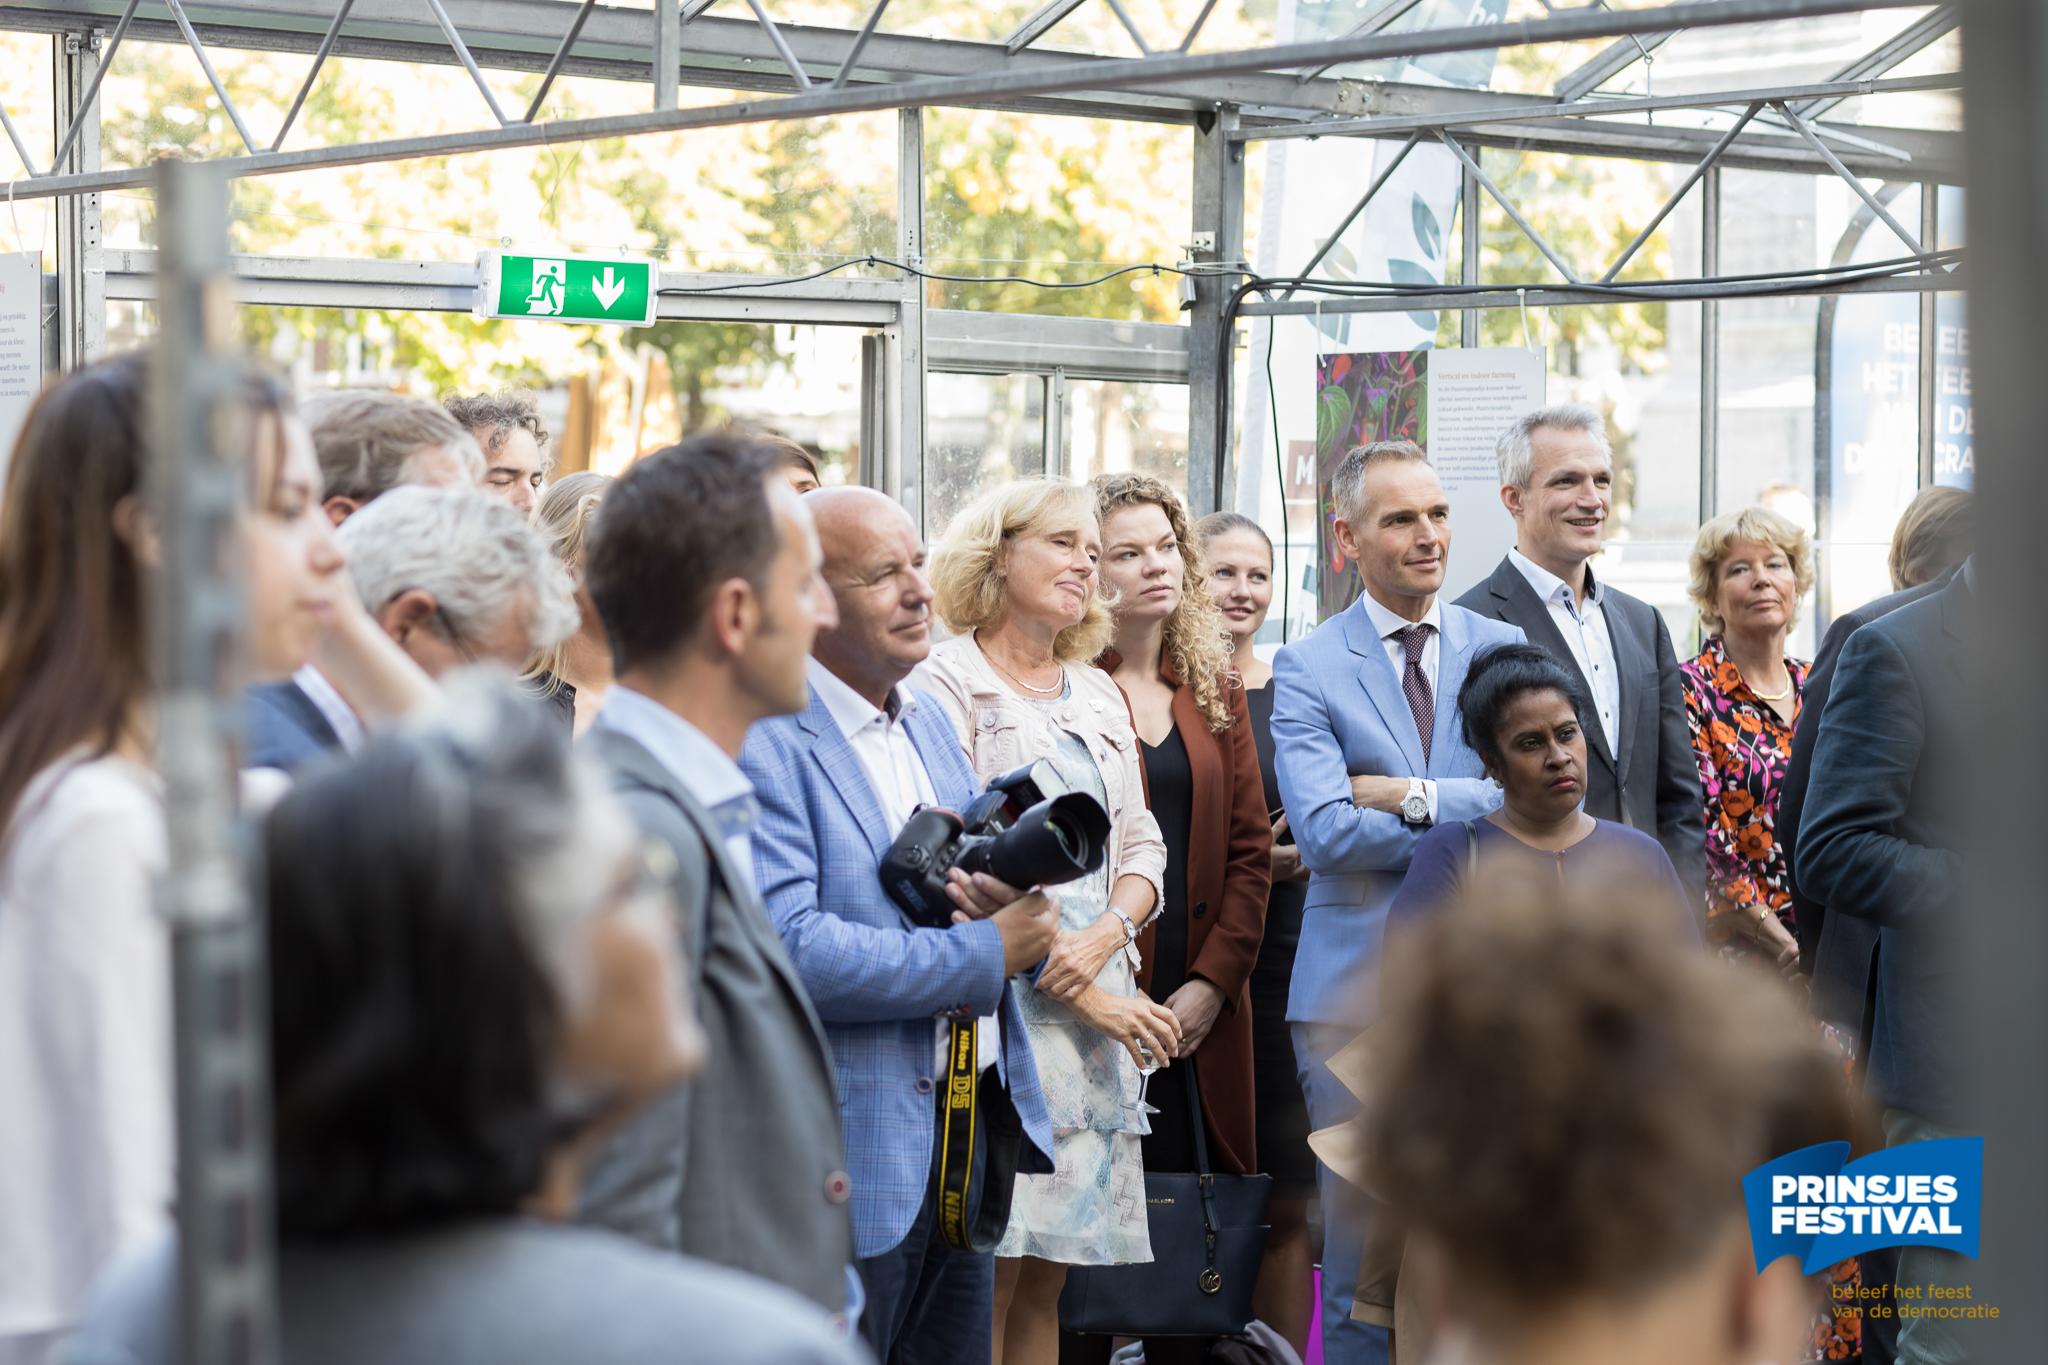 Opening Prinsjesfestival - ©Susanne van der Kleij